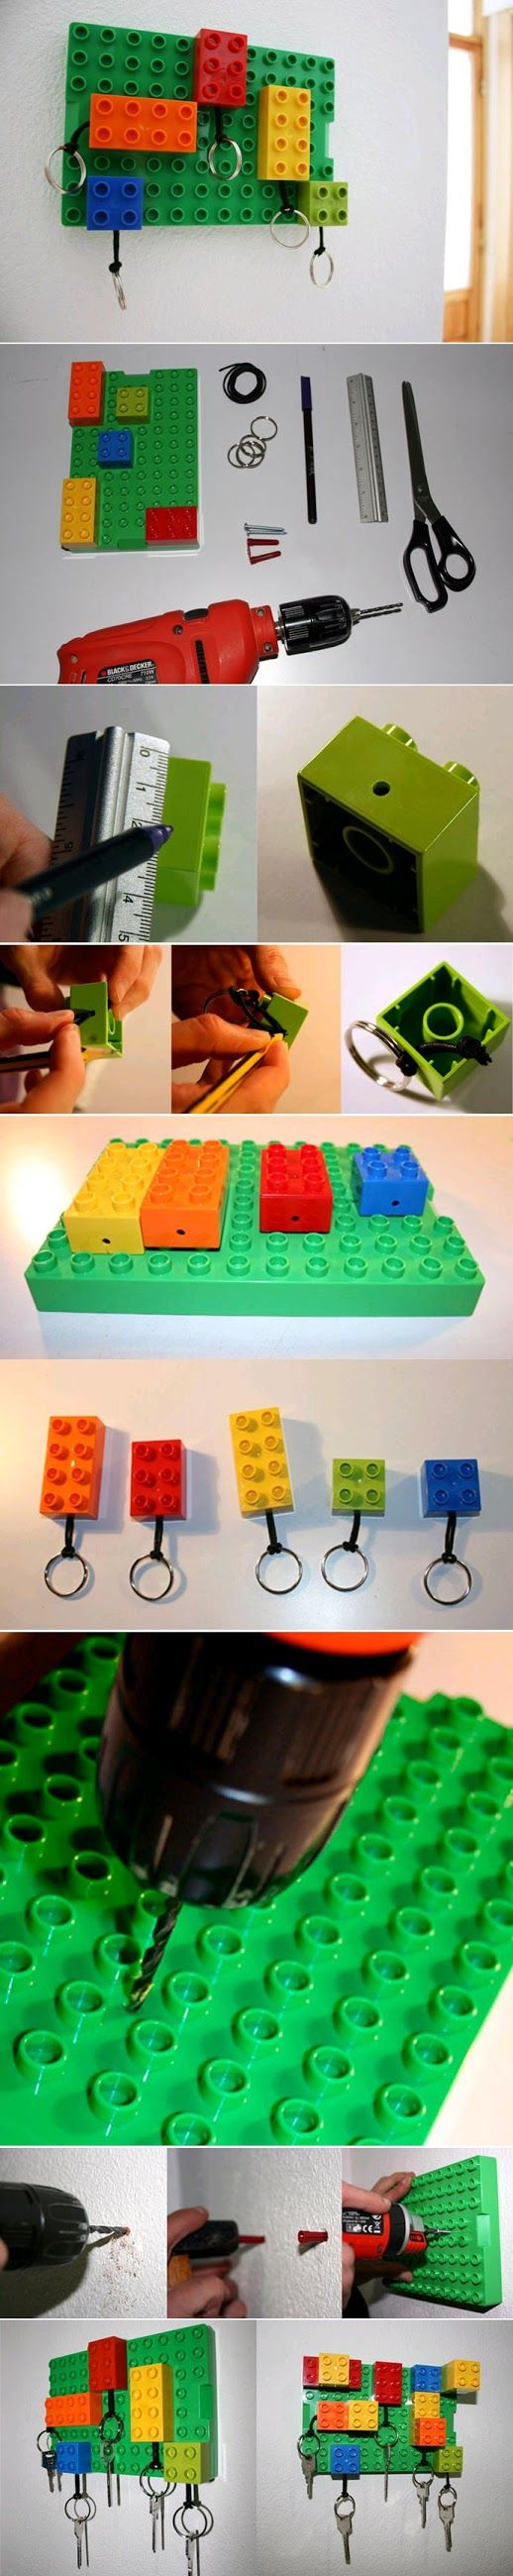 Lego sleutelhanger - Simpel maar geweldig